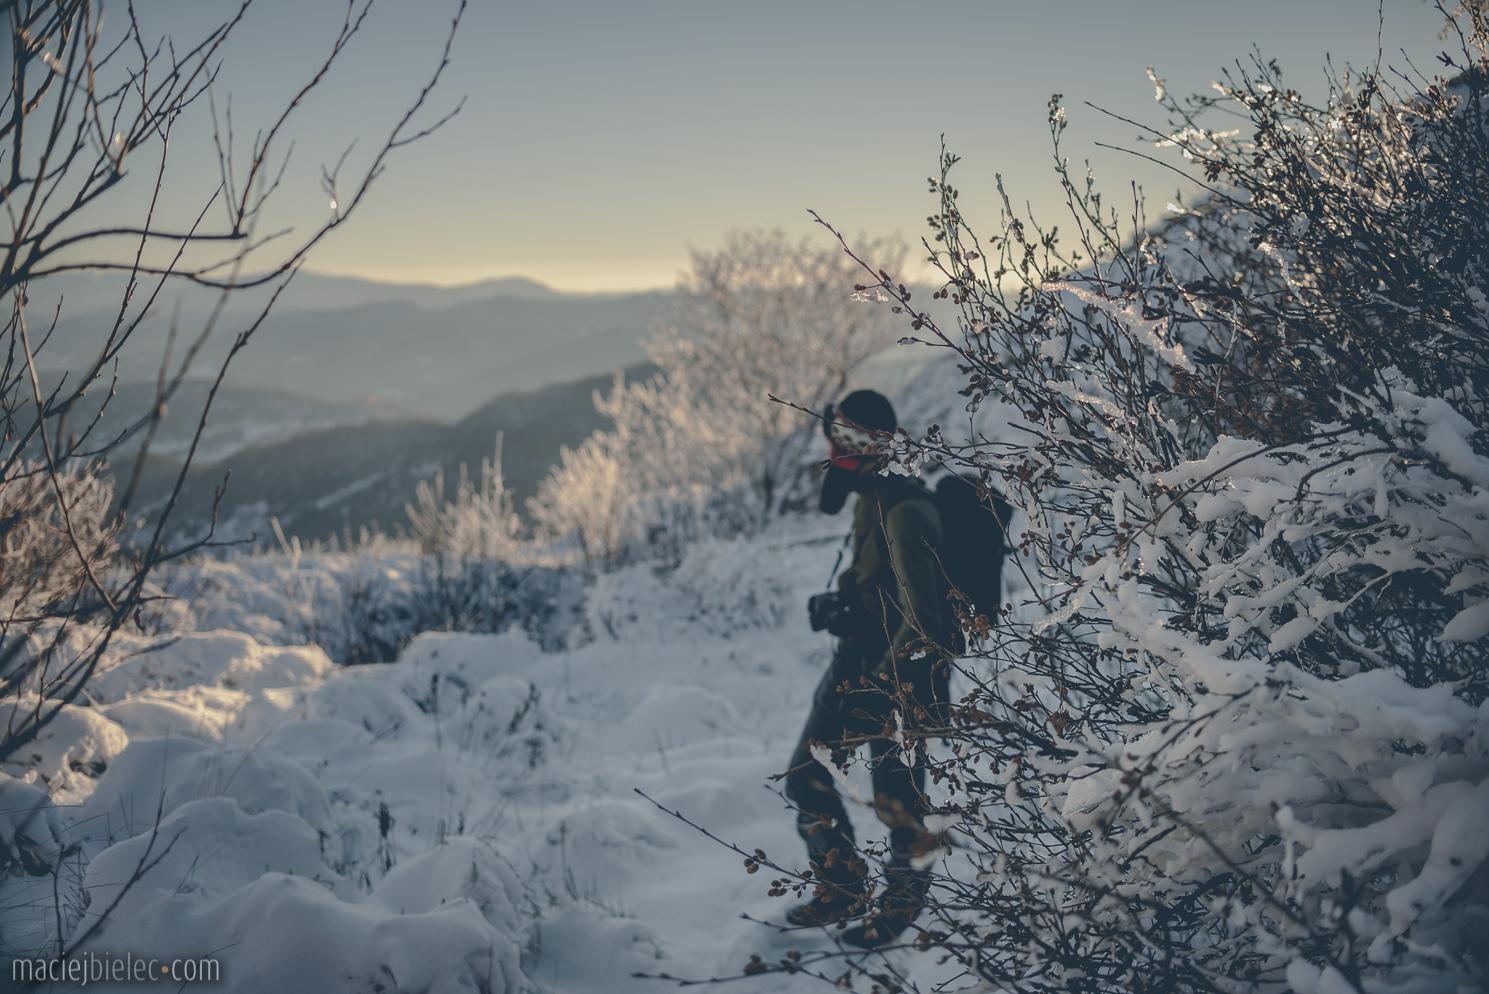 Podejście na Rozsypaniec zimą